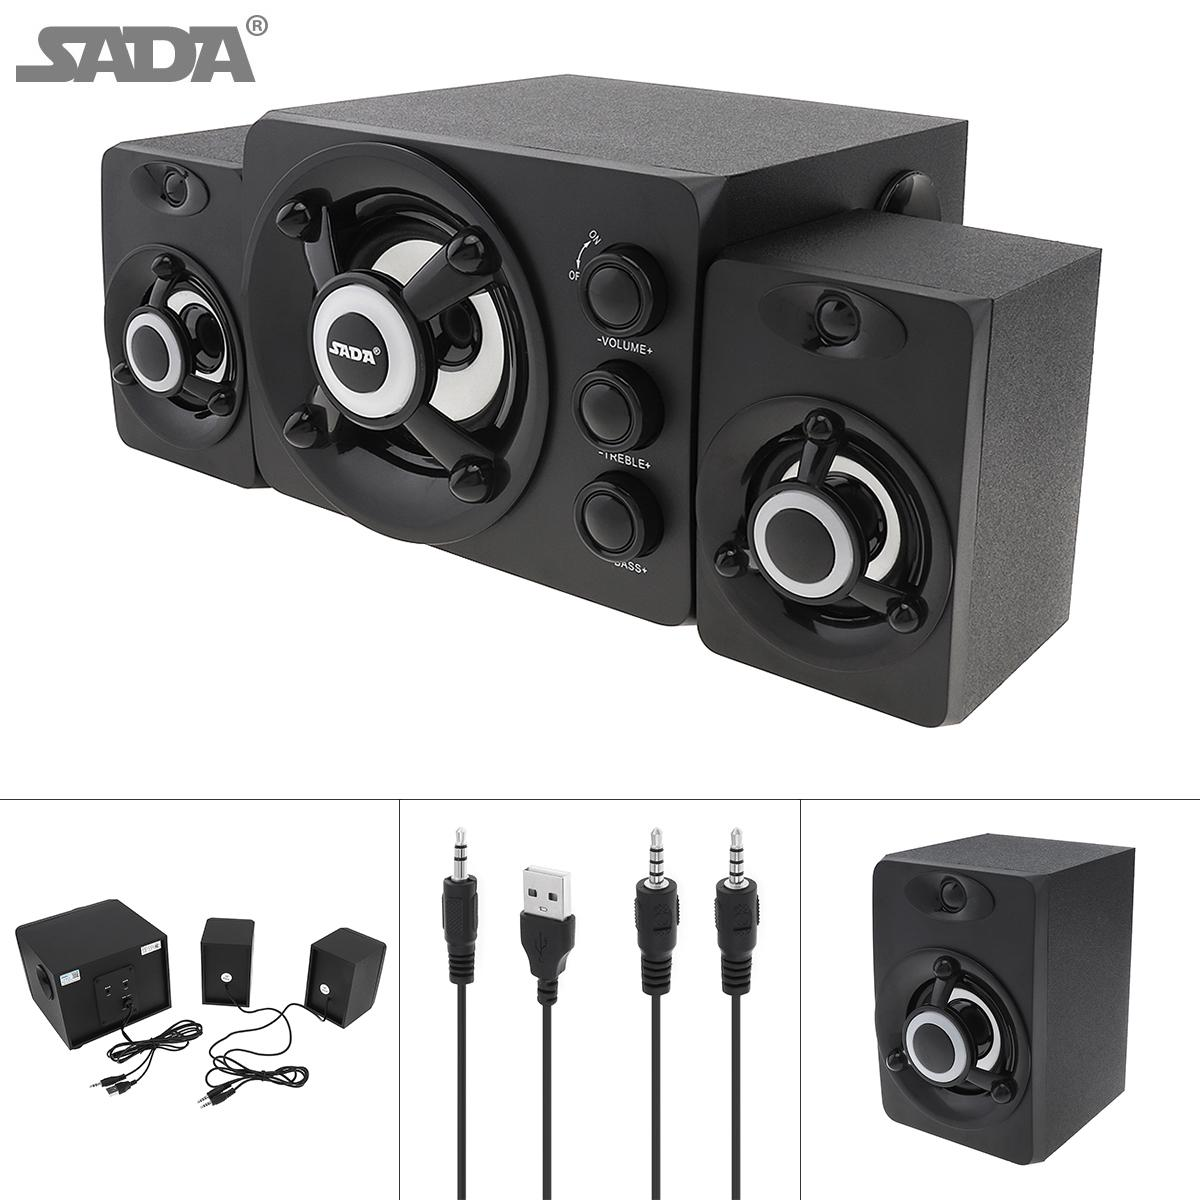 SADA D-208 2.1 Mini Nero 3 W Legno 3D Surround Sound Subwoofer Musica USB Altoparlante del Computer con luminescente Multicolore Lampada SSB_10M